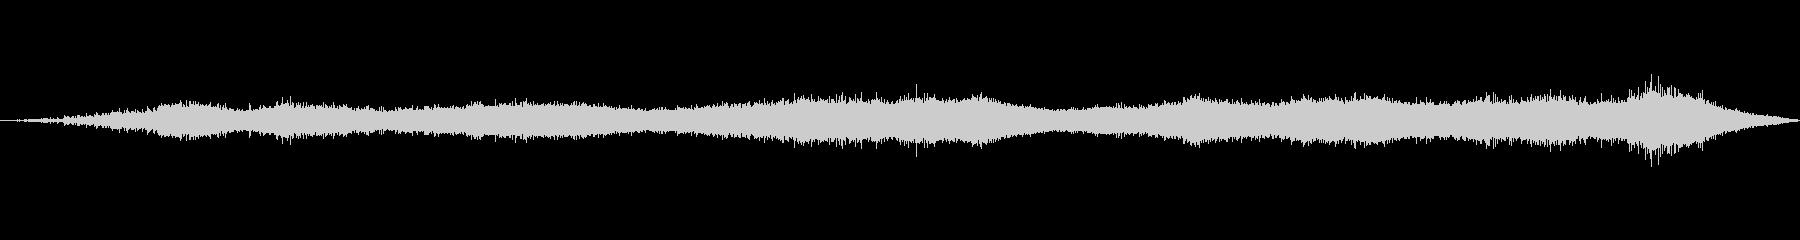 風の効果音(自然、そよ風、ビル風等)01の未再生の波形